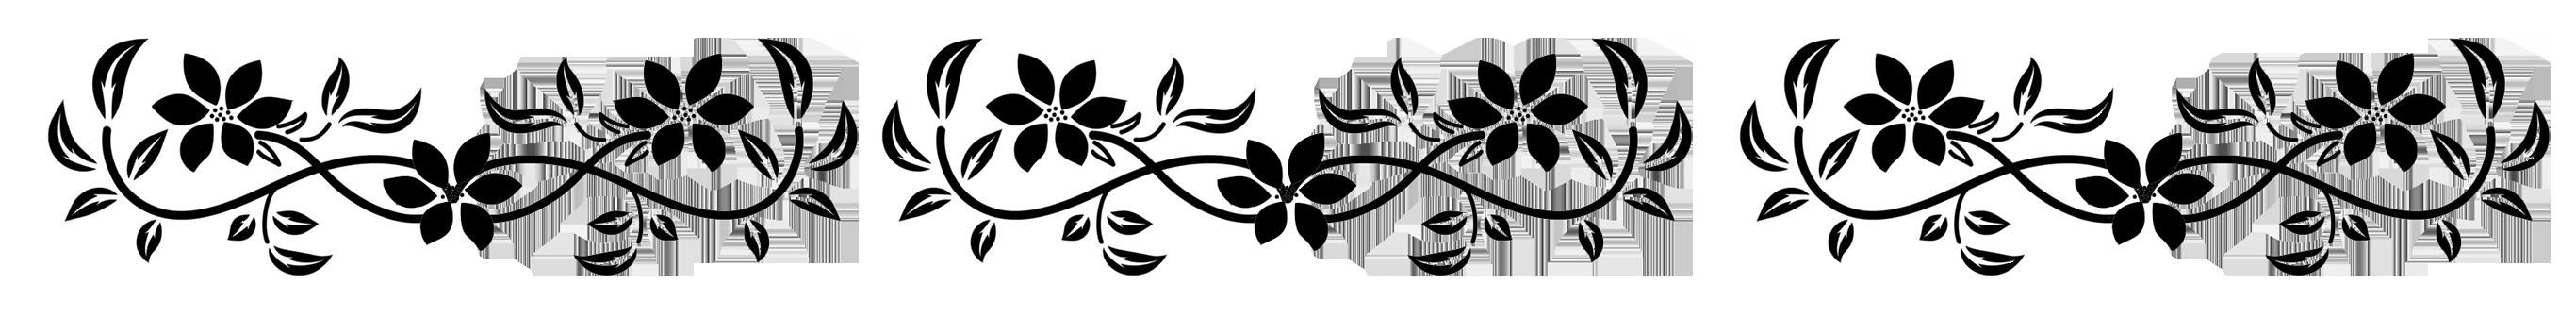 black-and-white-flower-border